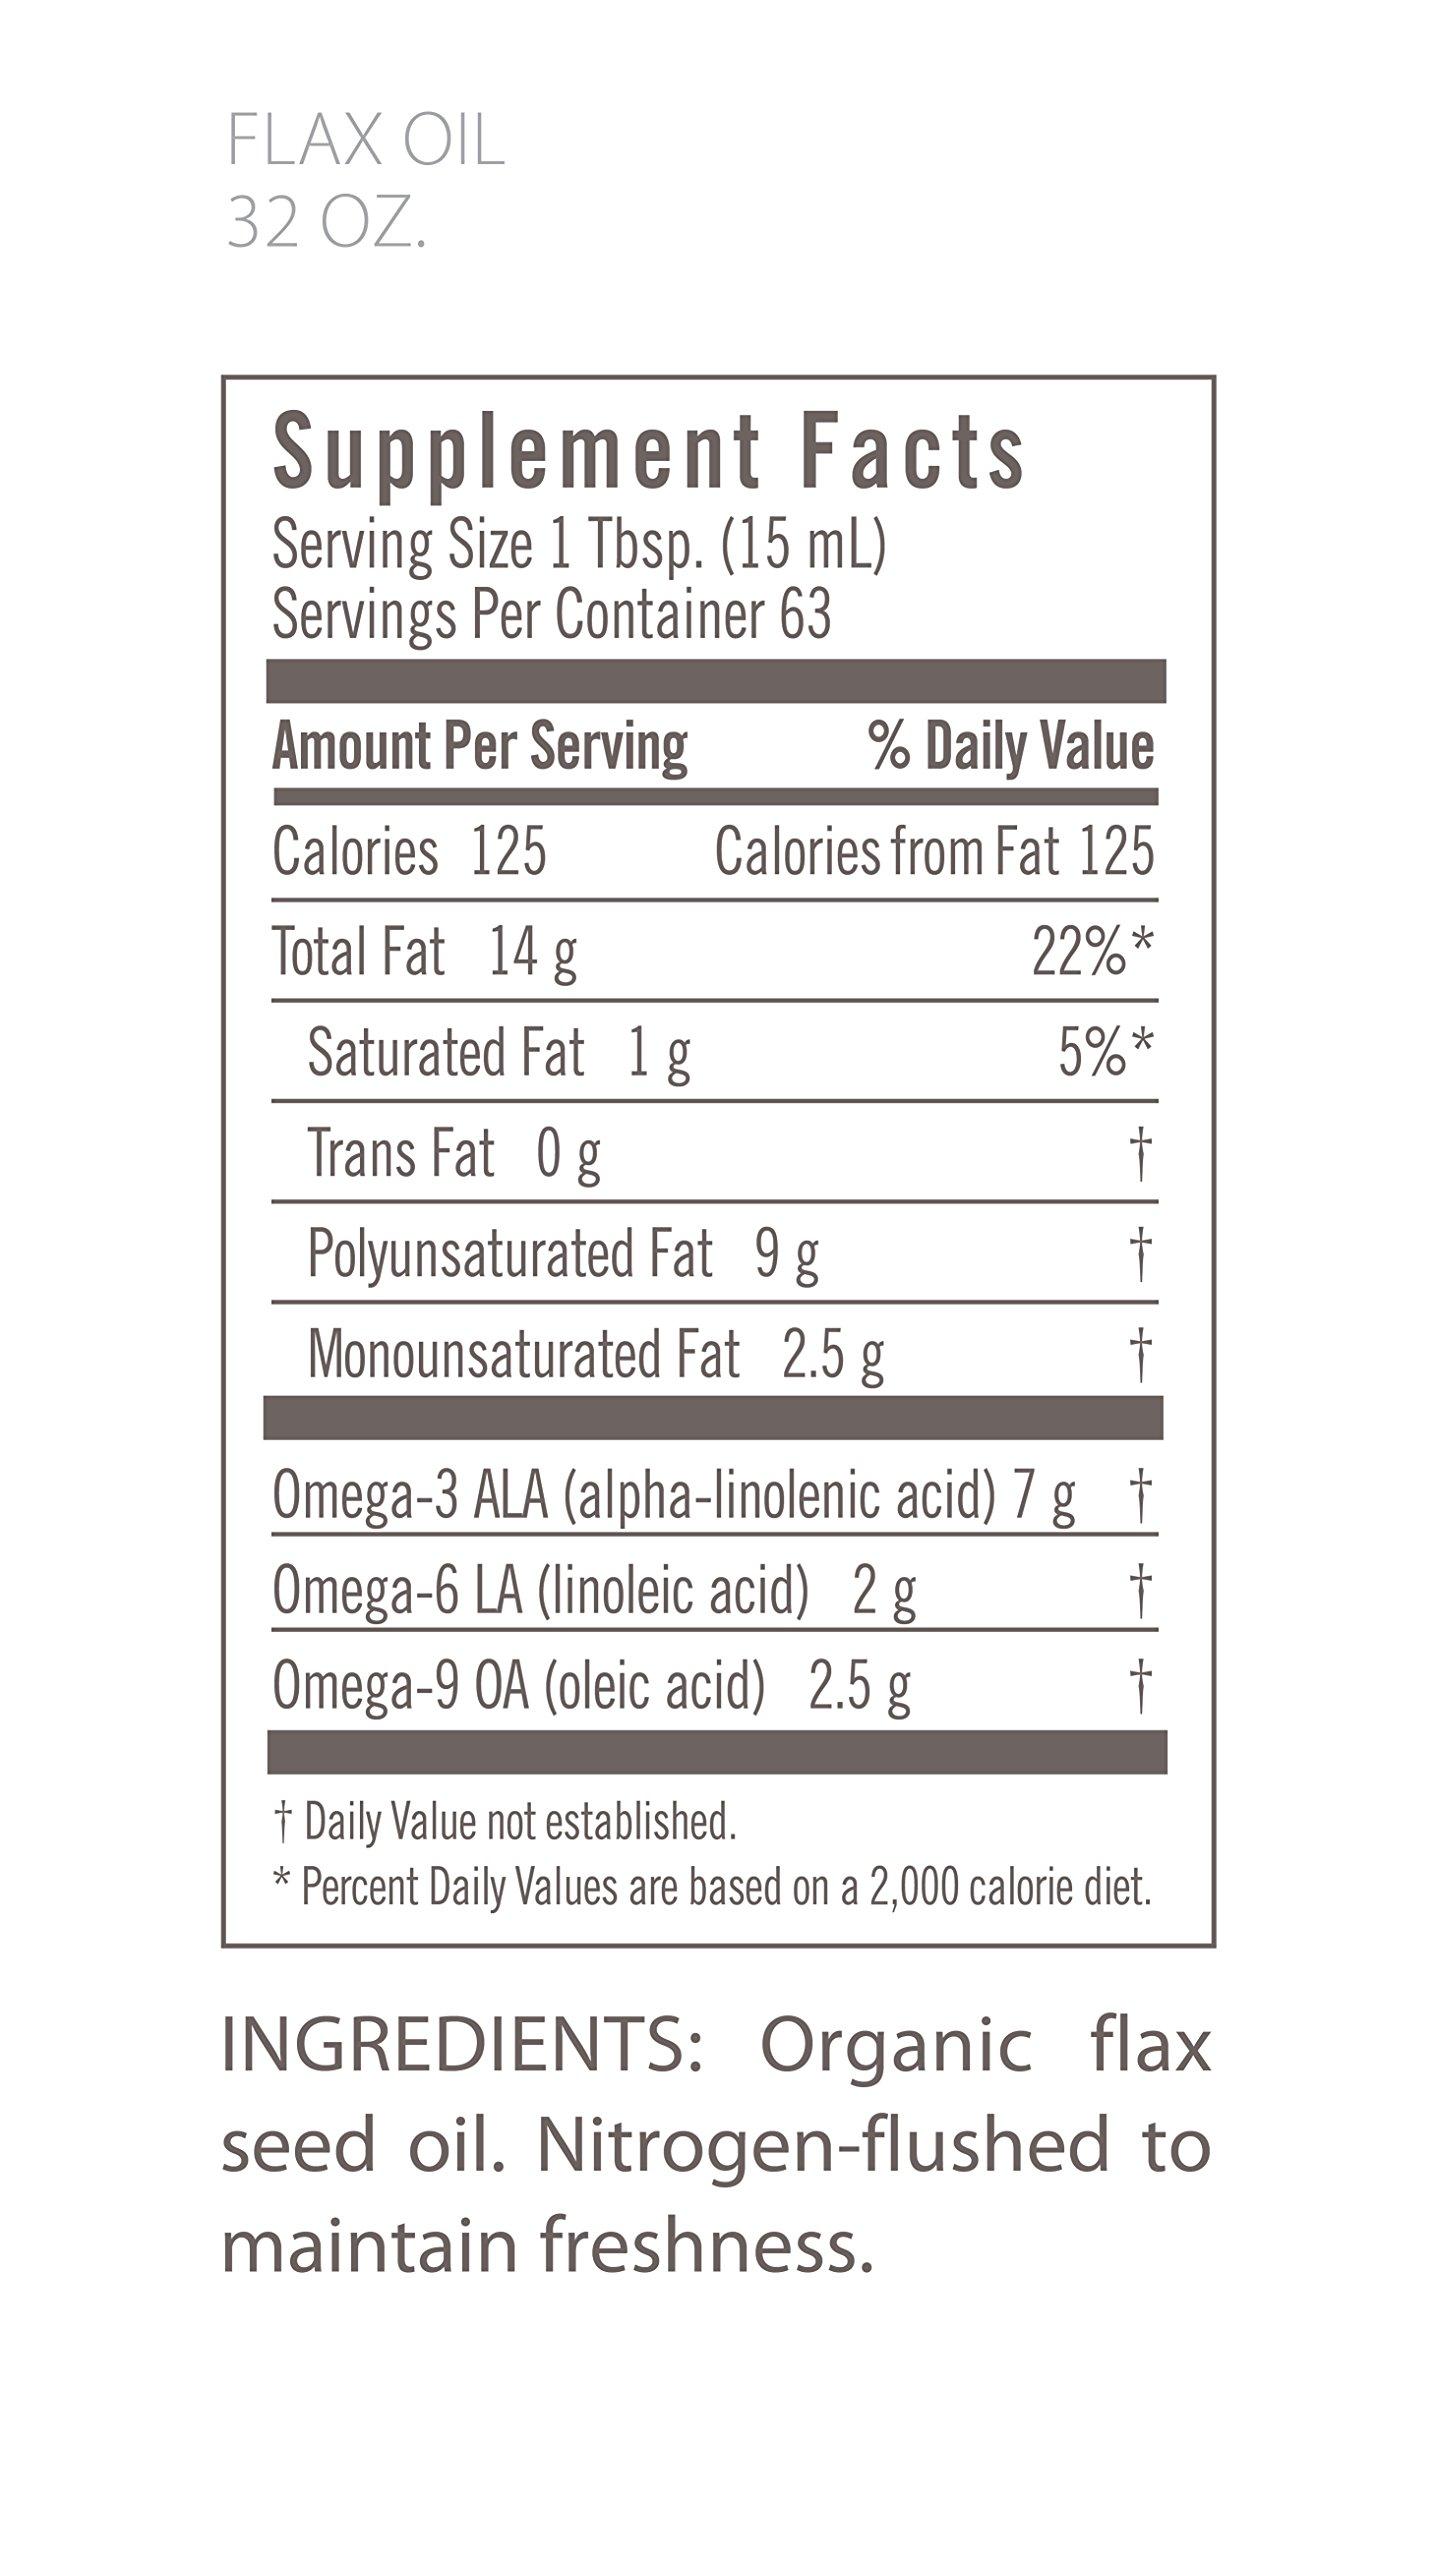 Flora Organic Flax Oil, 32 oz - Fresh Cold-Pressed & Pure - Non GMO & Gluten Free by Flora